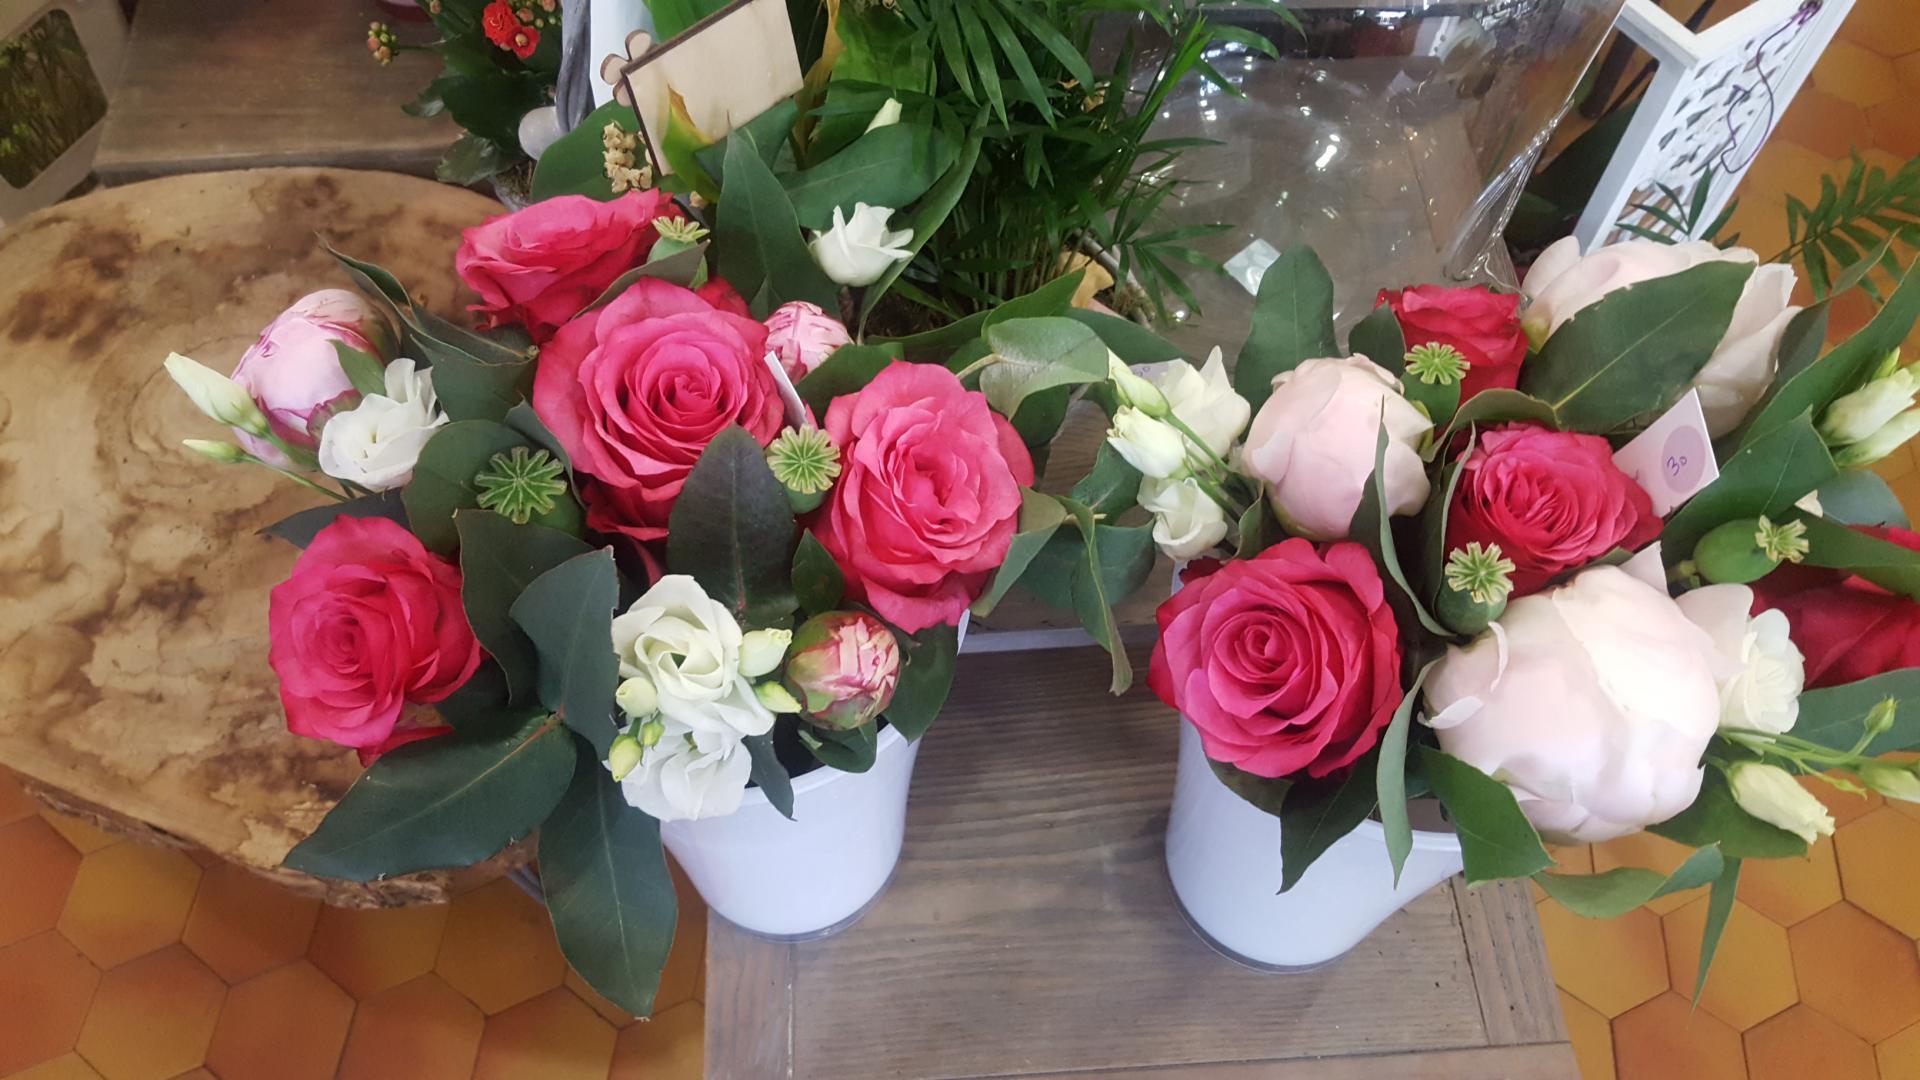 Fête des mères by Hé fleur et moi fleuriste valenciennes bouquet fleur nord hainaut la Sentinelle anzin nord Hainaut Denain Le quesnoy